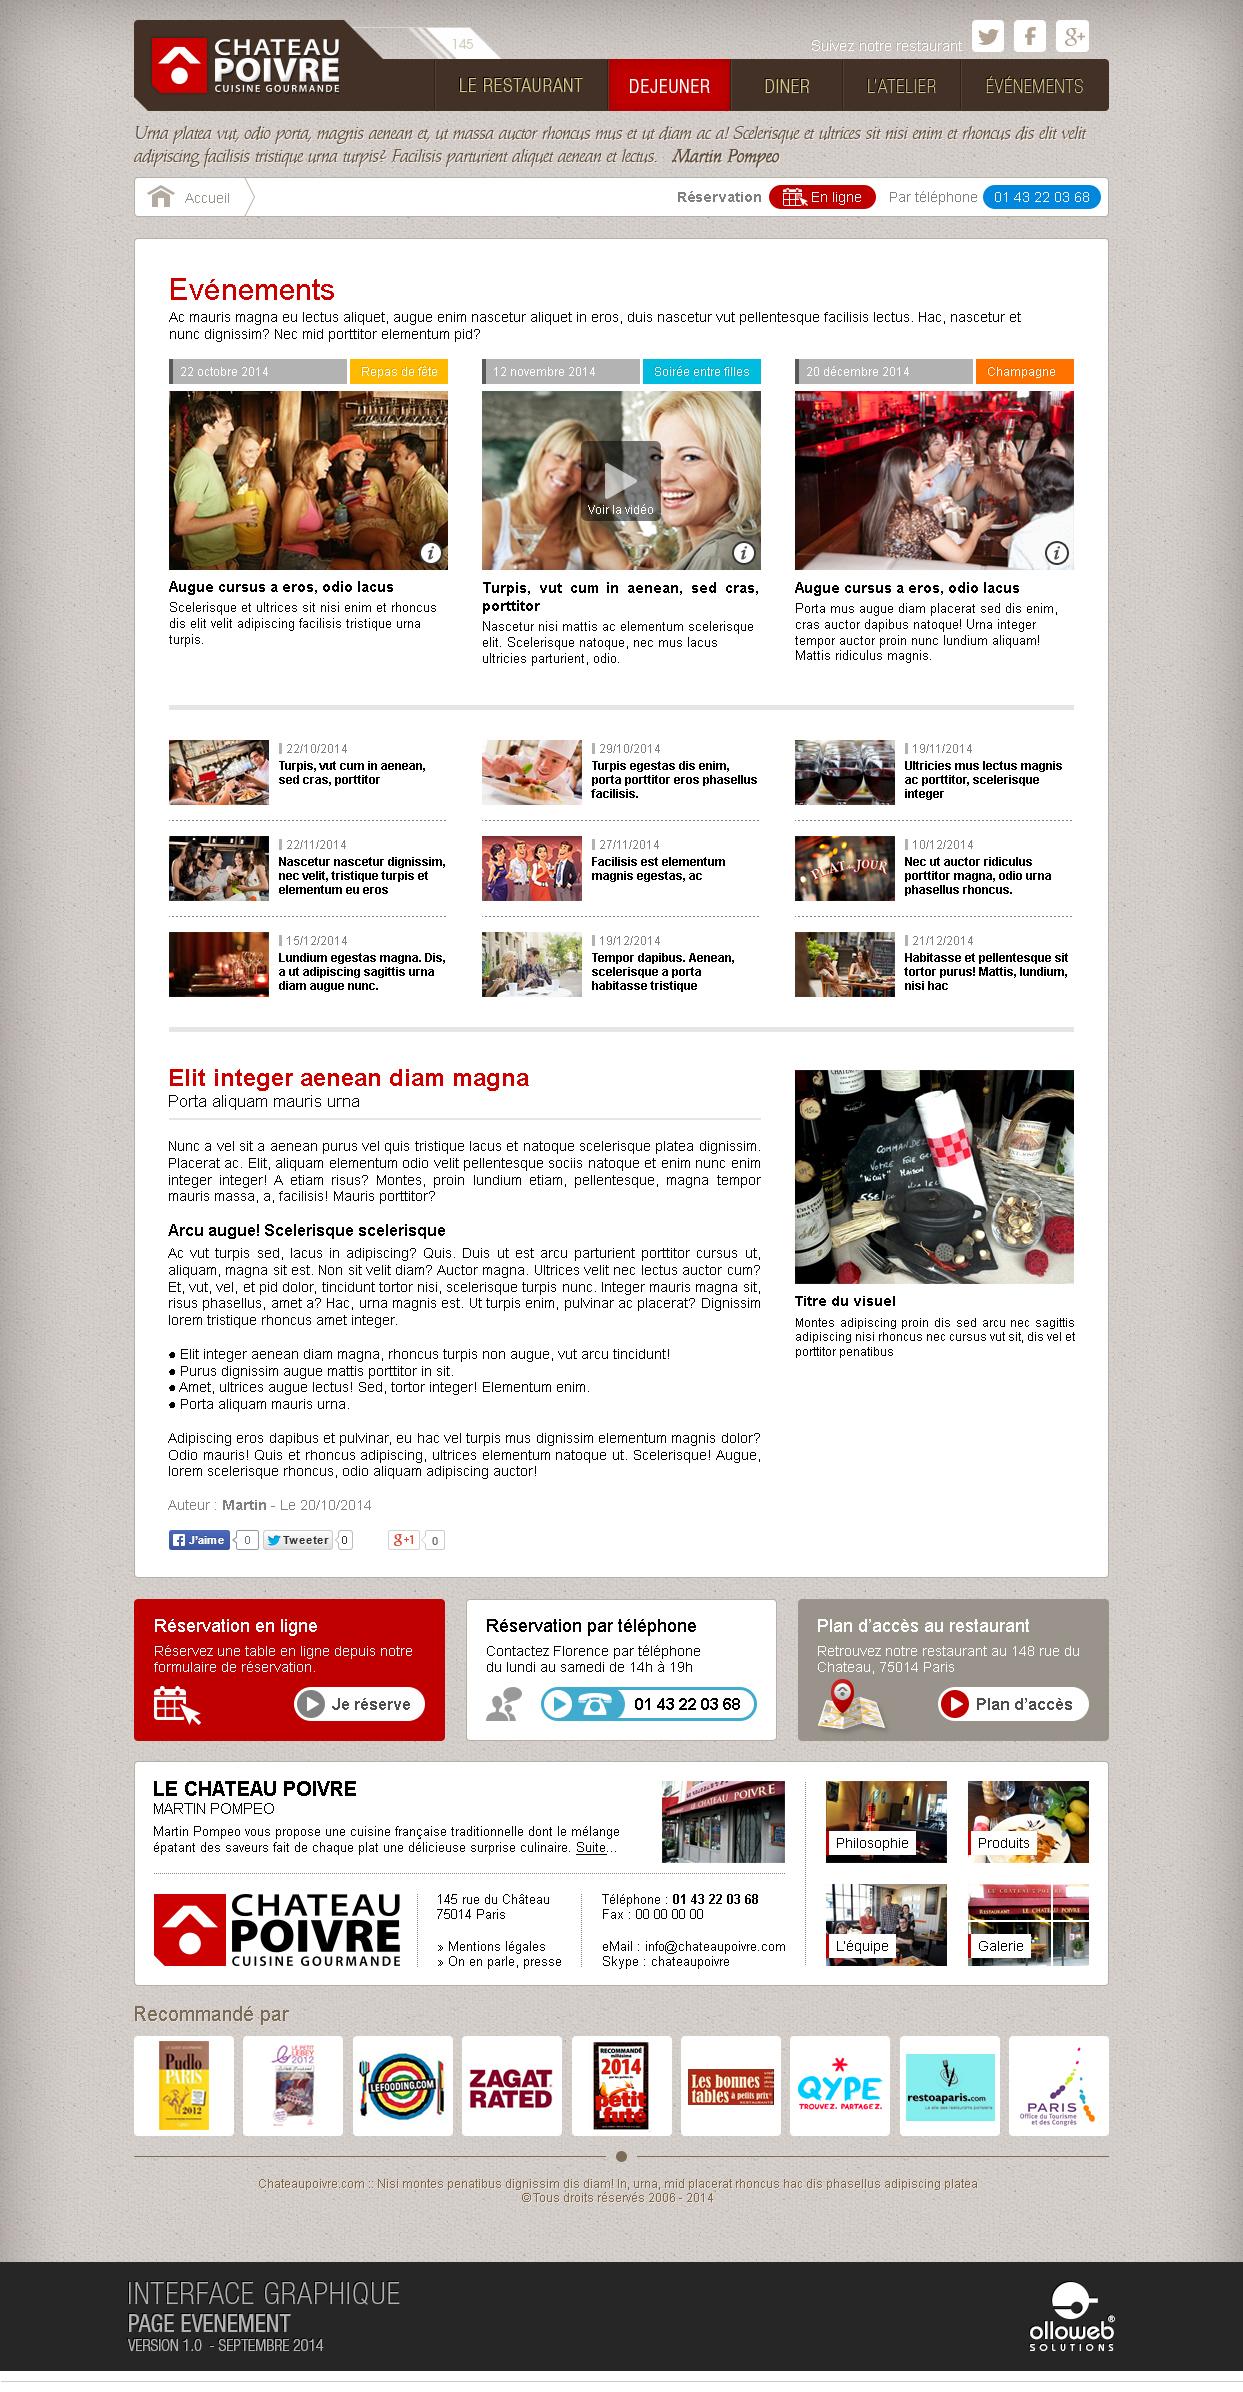 Interface graphique de la page événement du restaurant